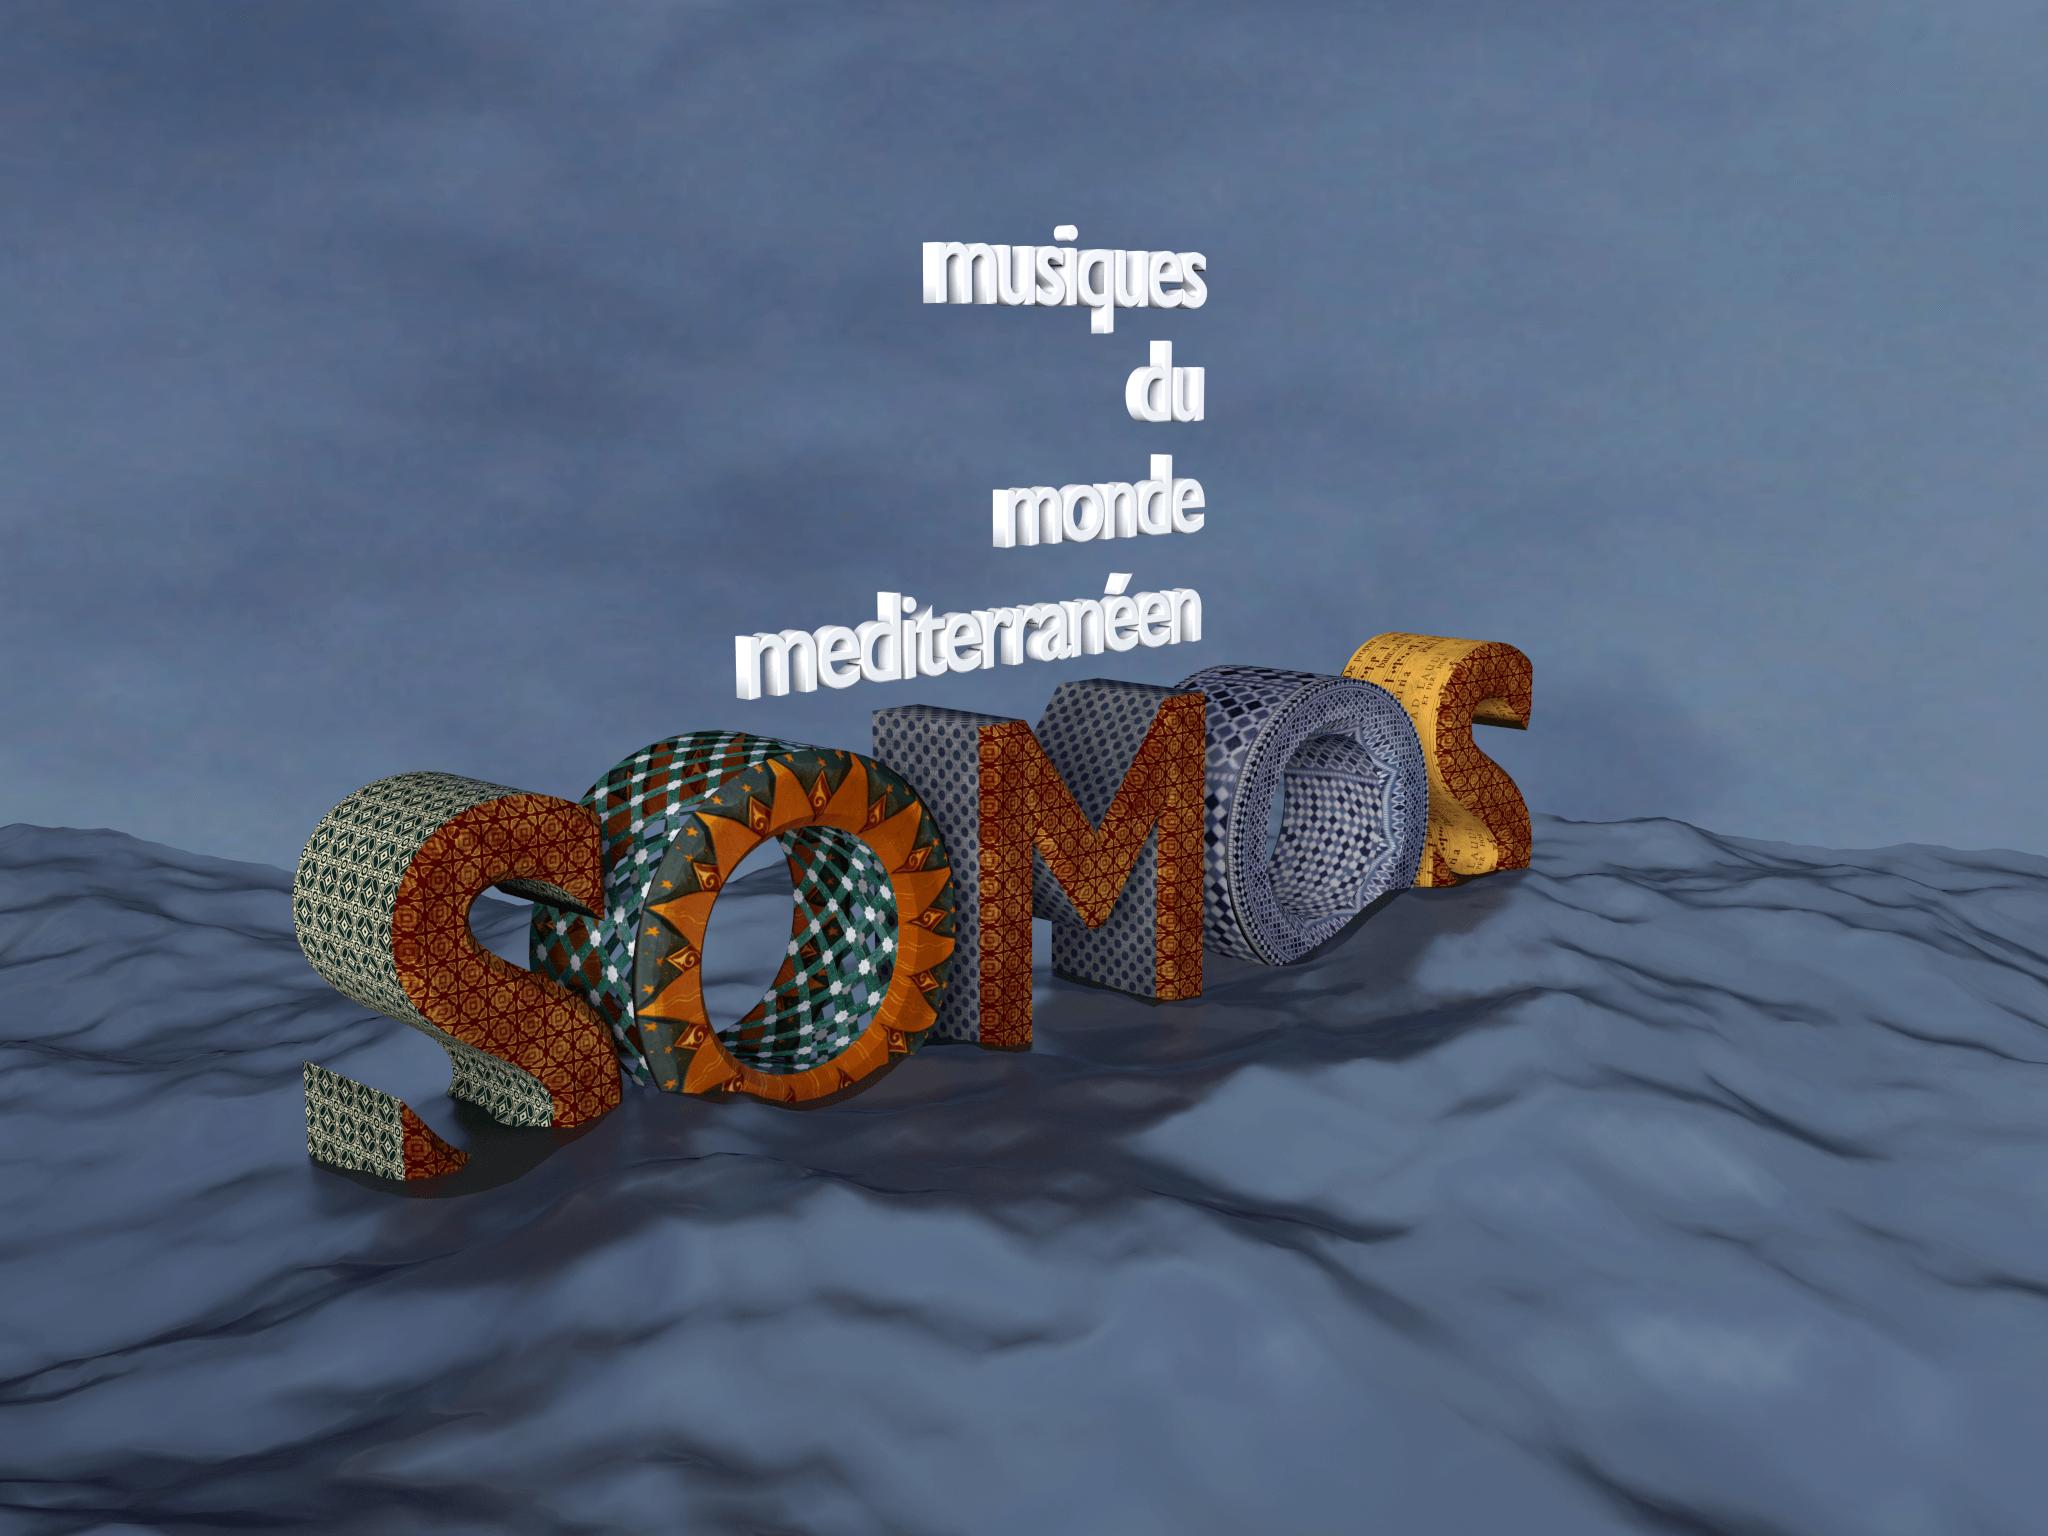 Somos, musiques du monde méditerranéen